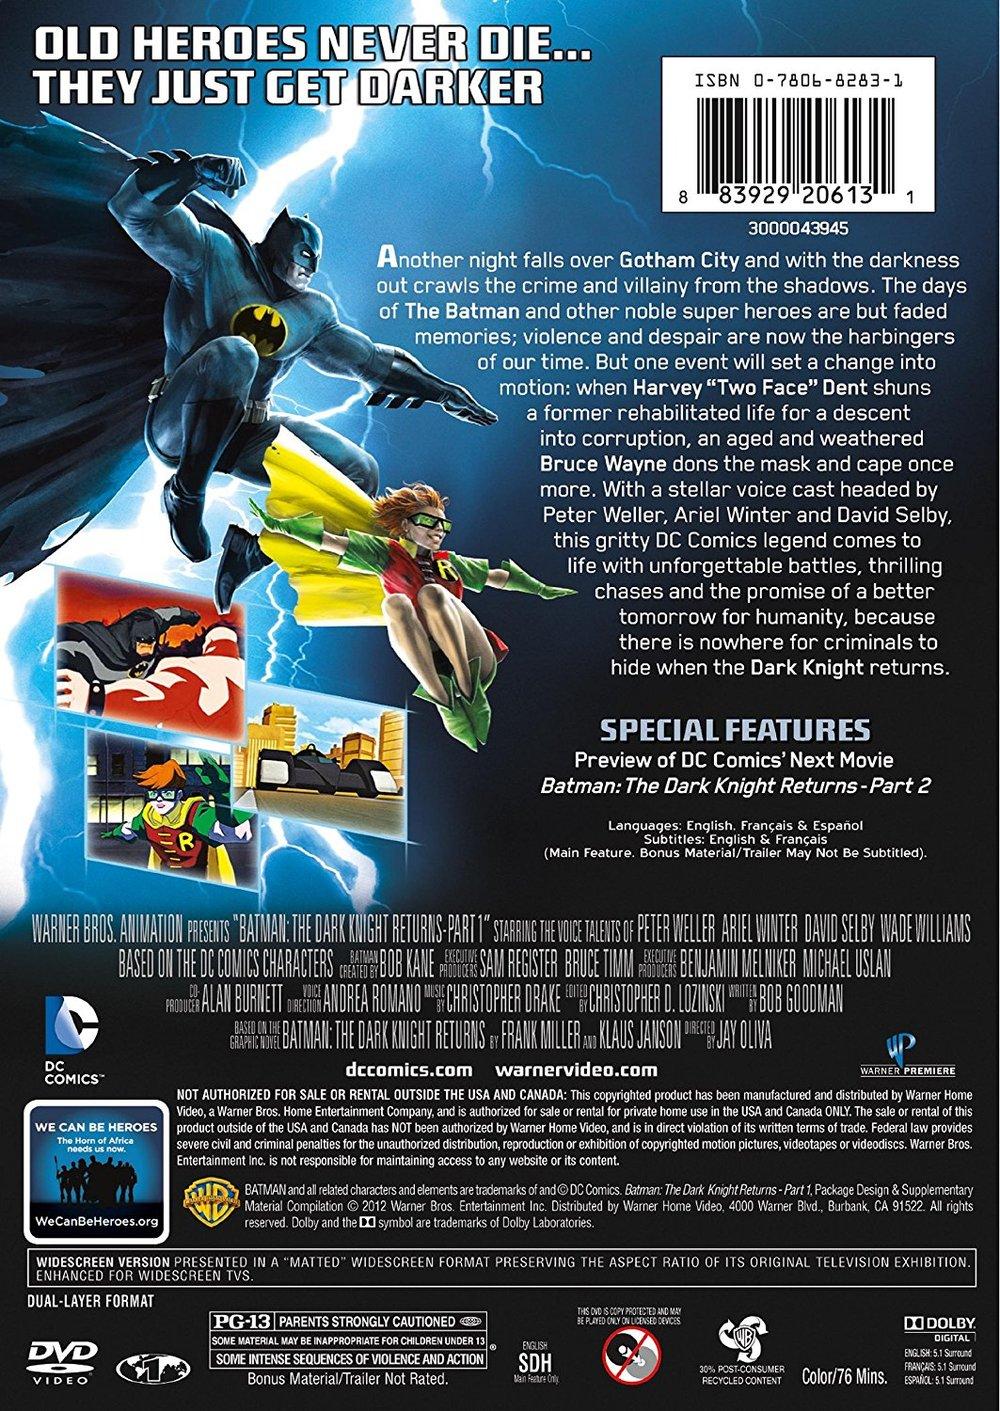 Back of DVD Slipcase